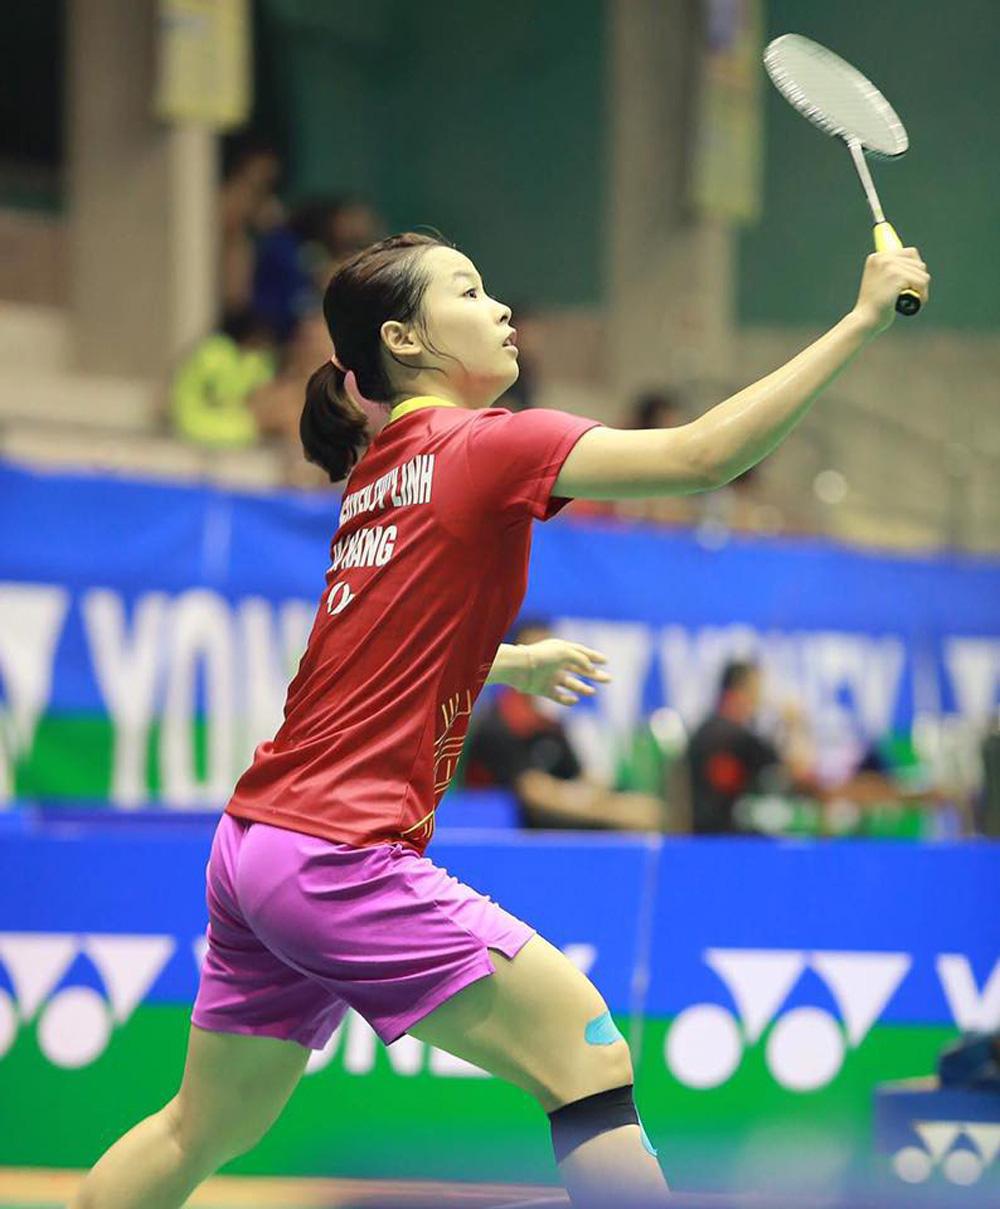 Vẻ đẹp hotgirl cầu lông Việt Nam thắng đối thủ gốc Trung Quốc tại Olympic Tokyo - Ảnh 11.